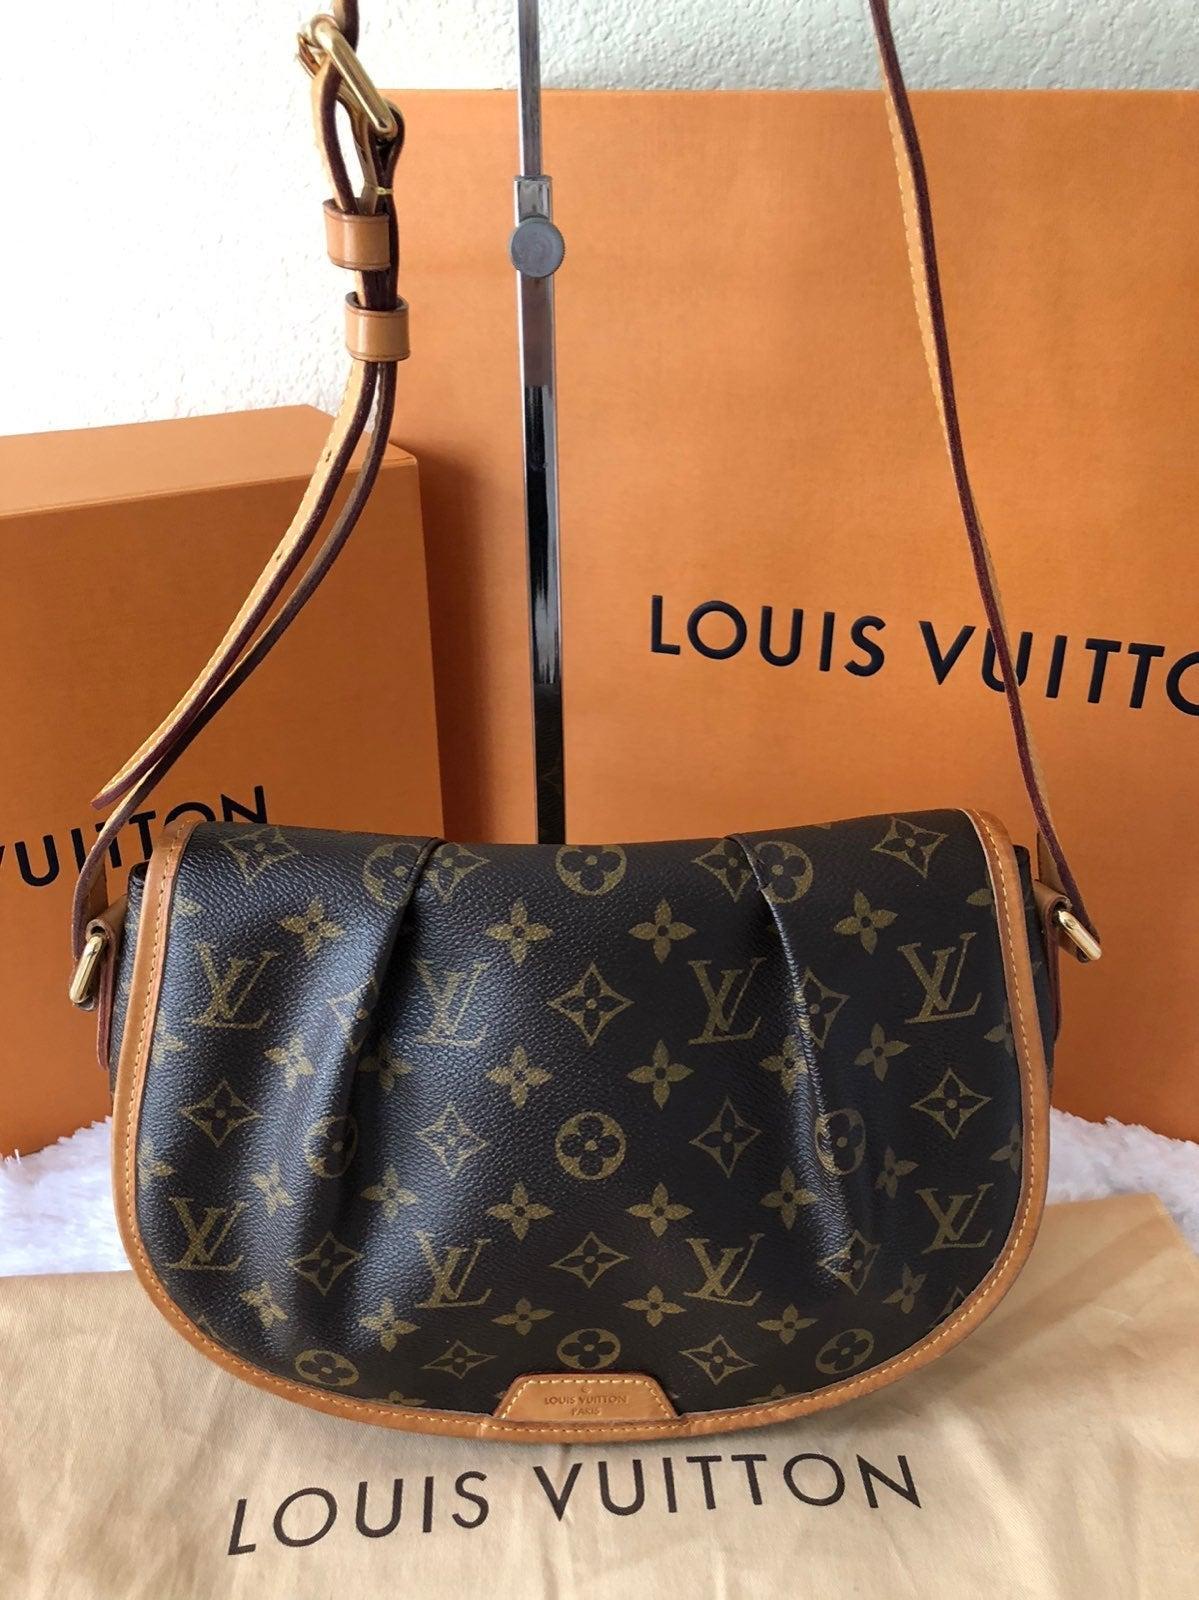 Louis Vuitton Menilmontant Canvas Bag